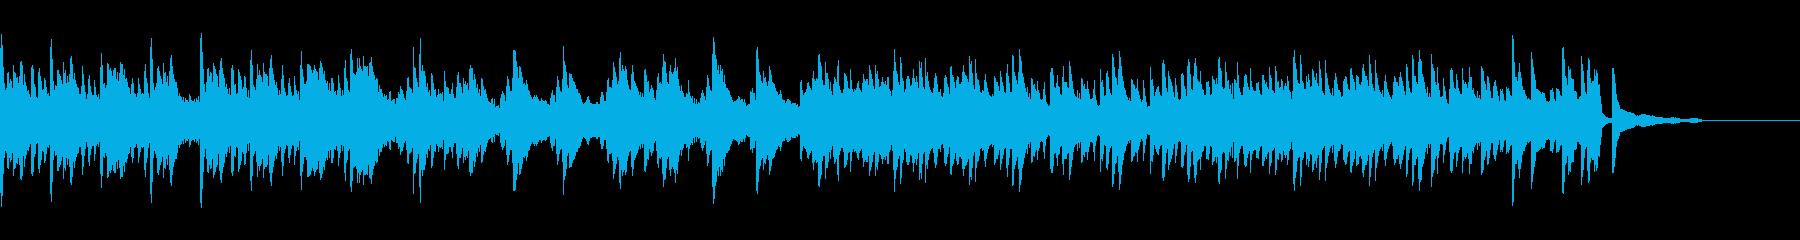 悲しい、切ないピアノ曲です。の再生済みの波形